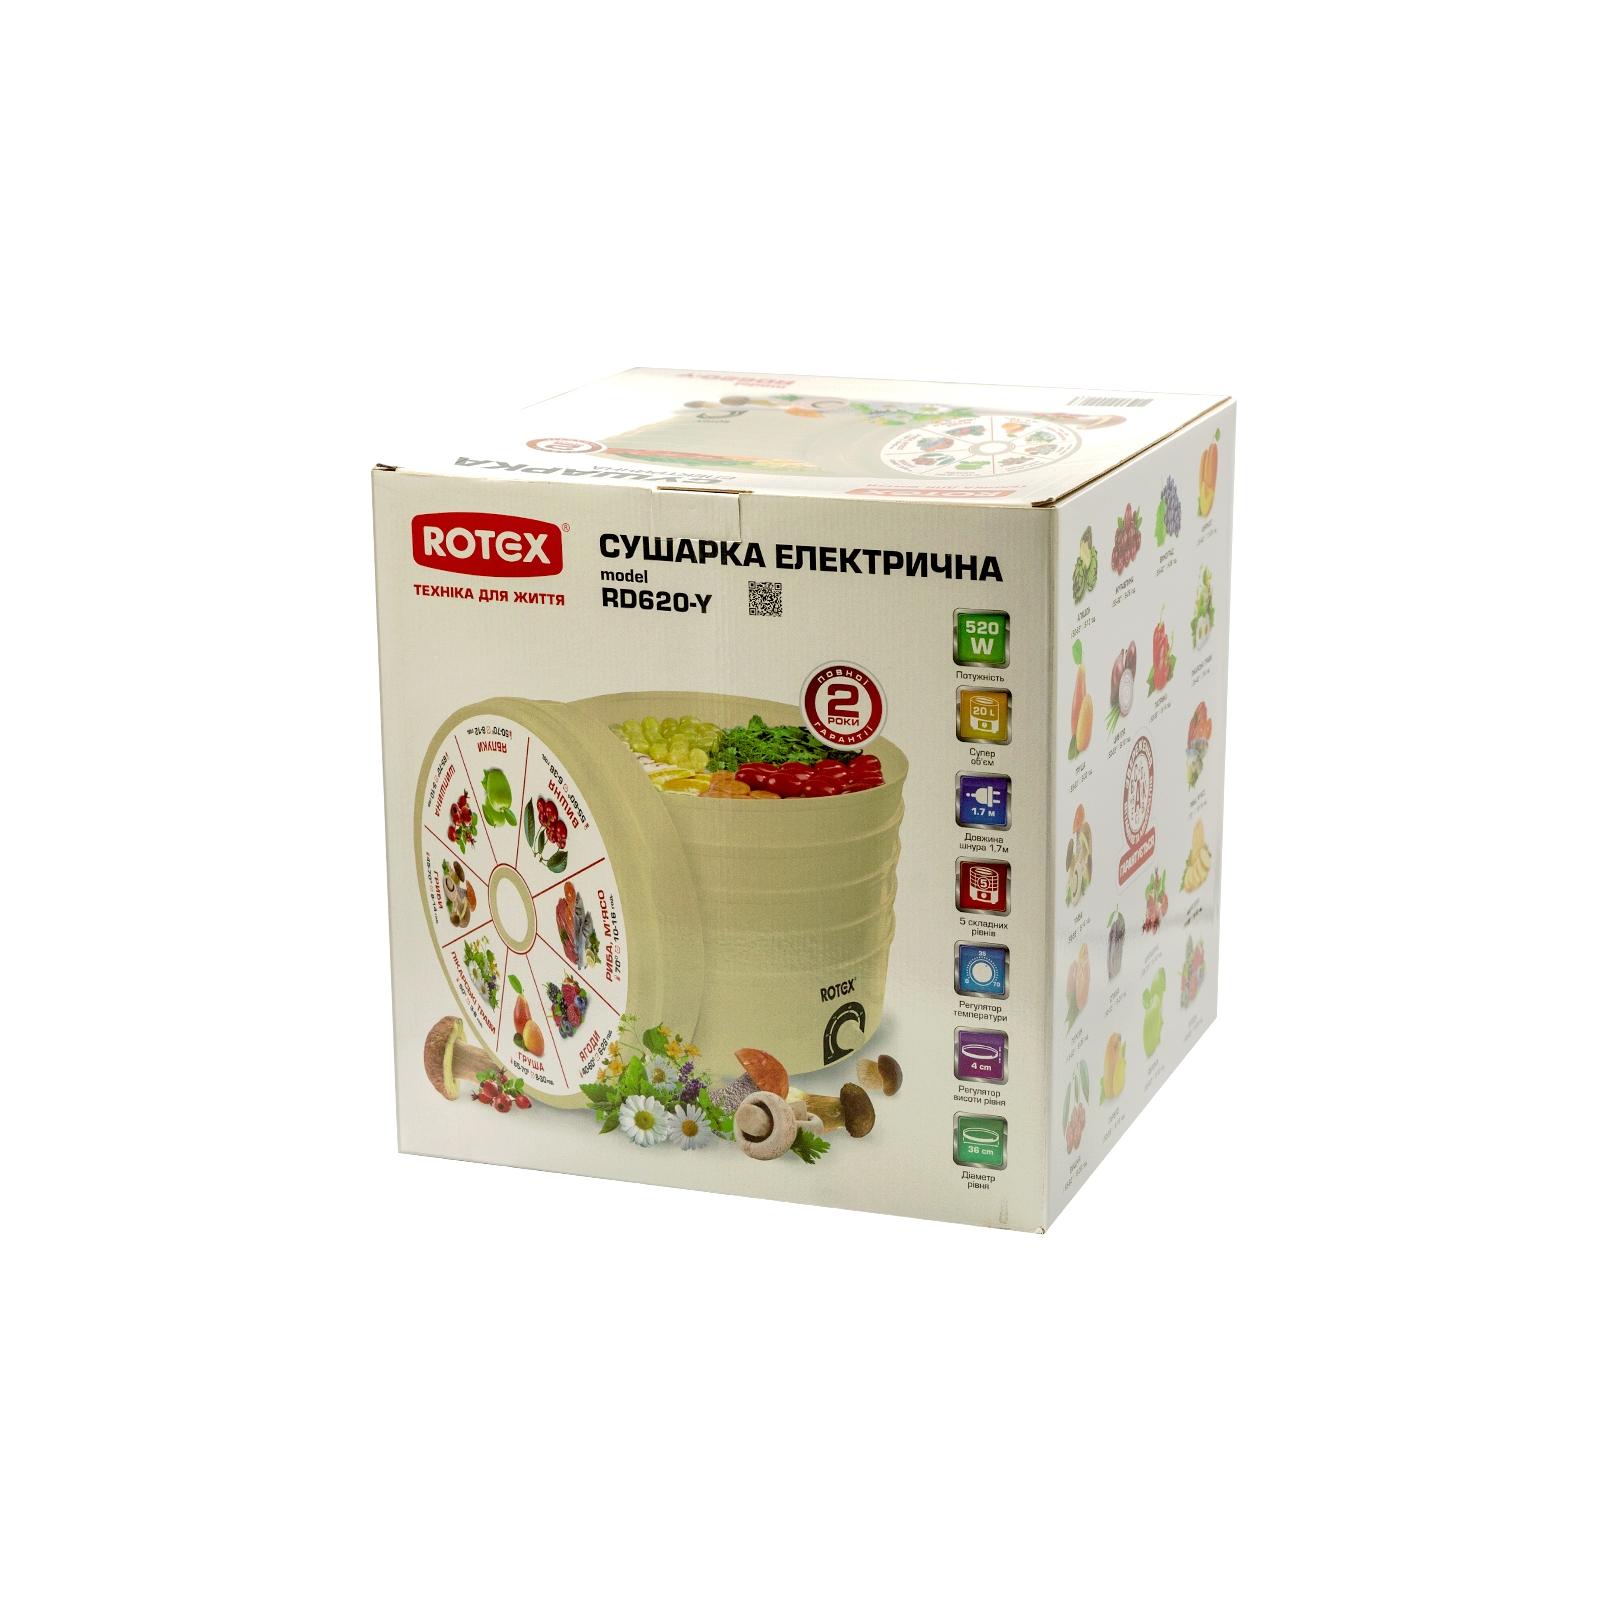 Сушка для овощей и фруктов Rotex RD620-Y изображение 3